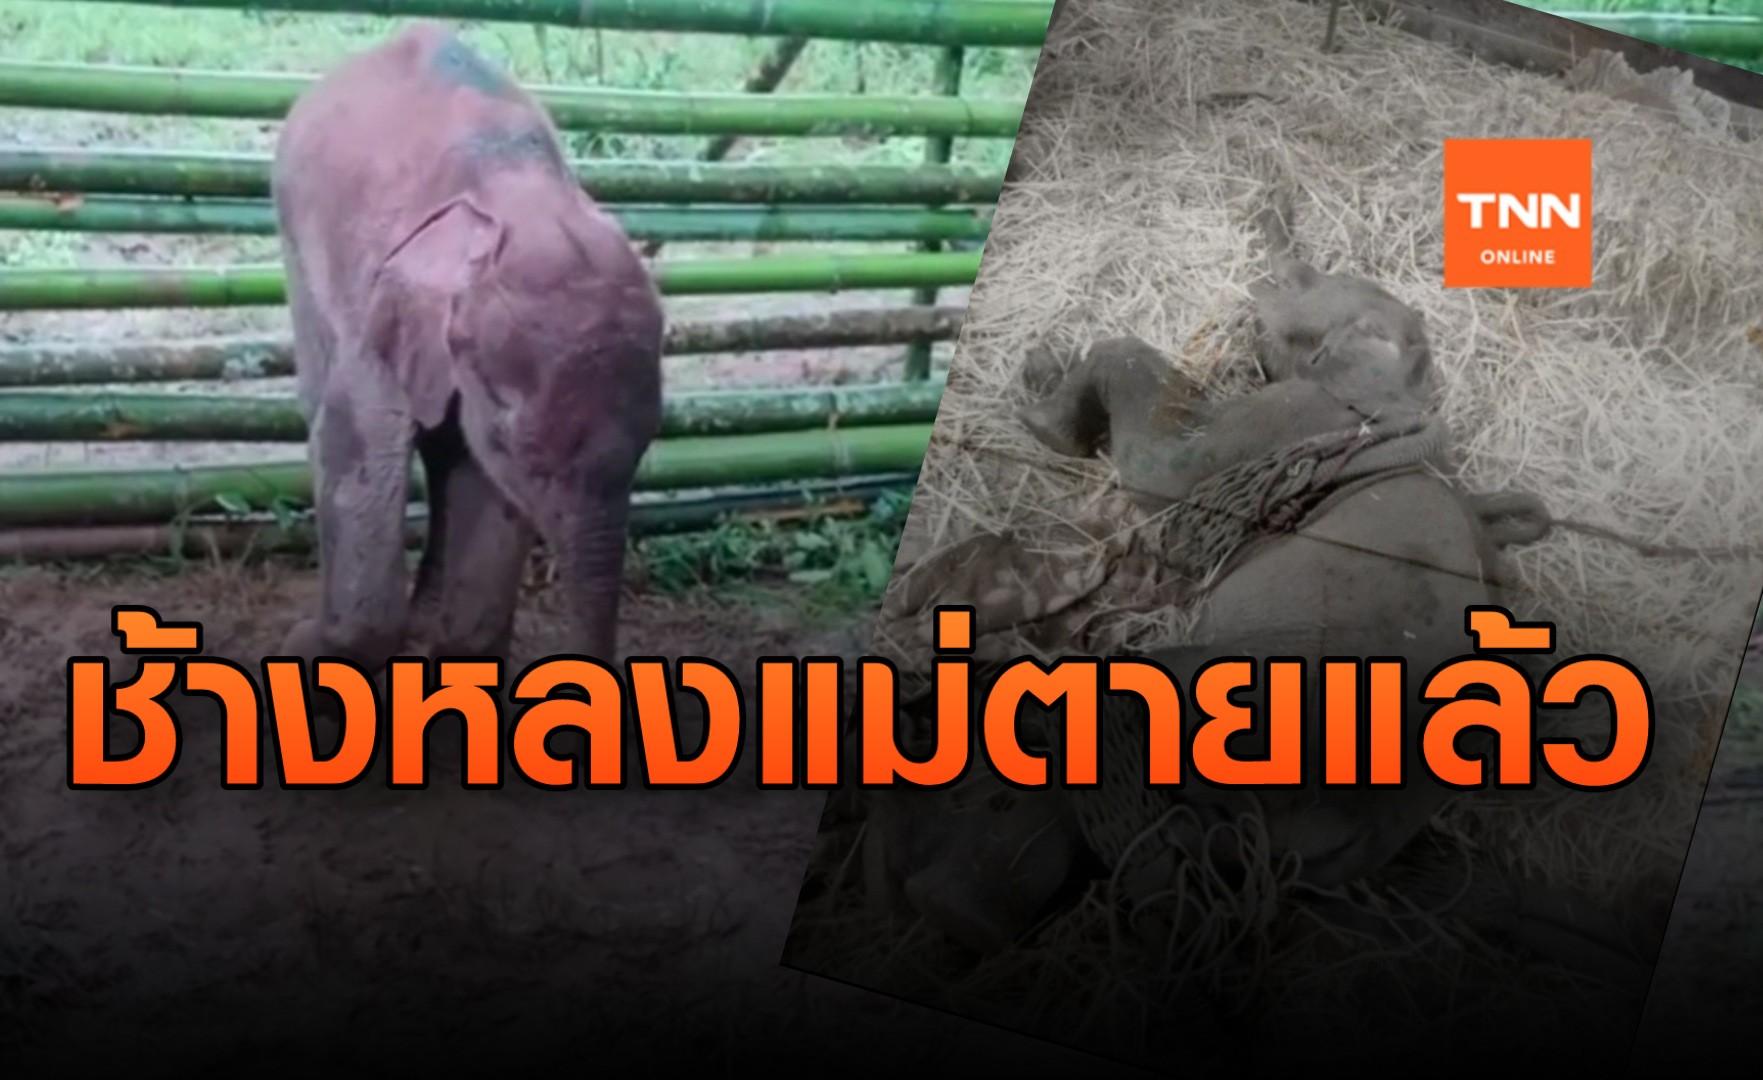 สุดเศร้า! ลูกช้างป่ากำพร้าแม่ตายแล้ว